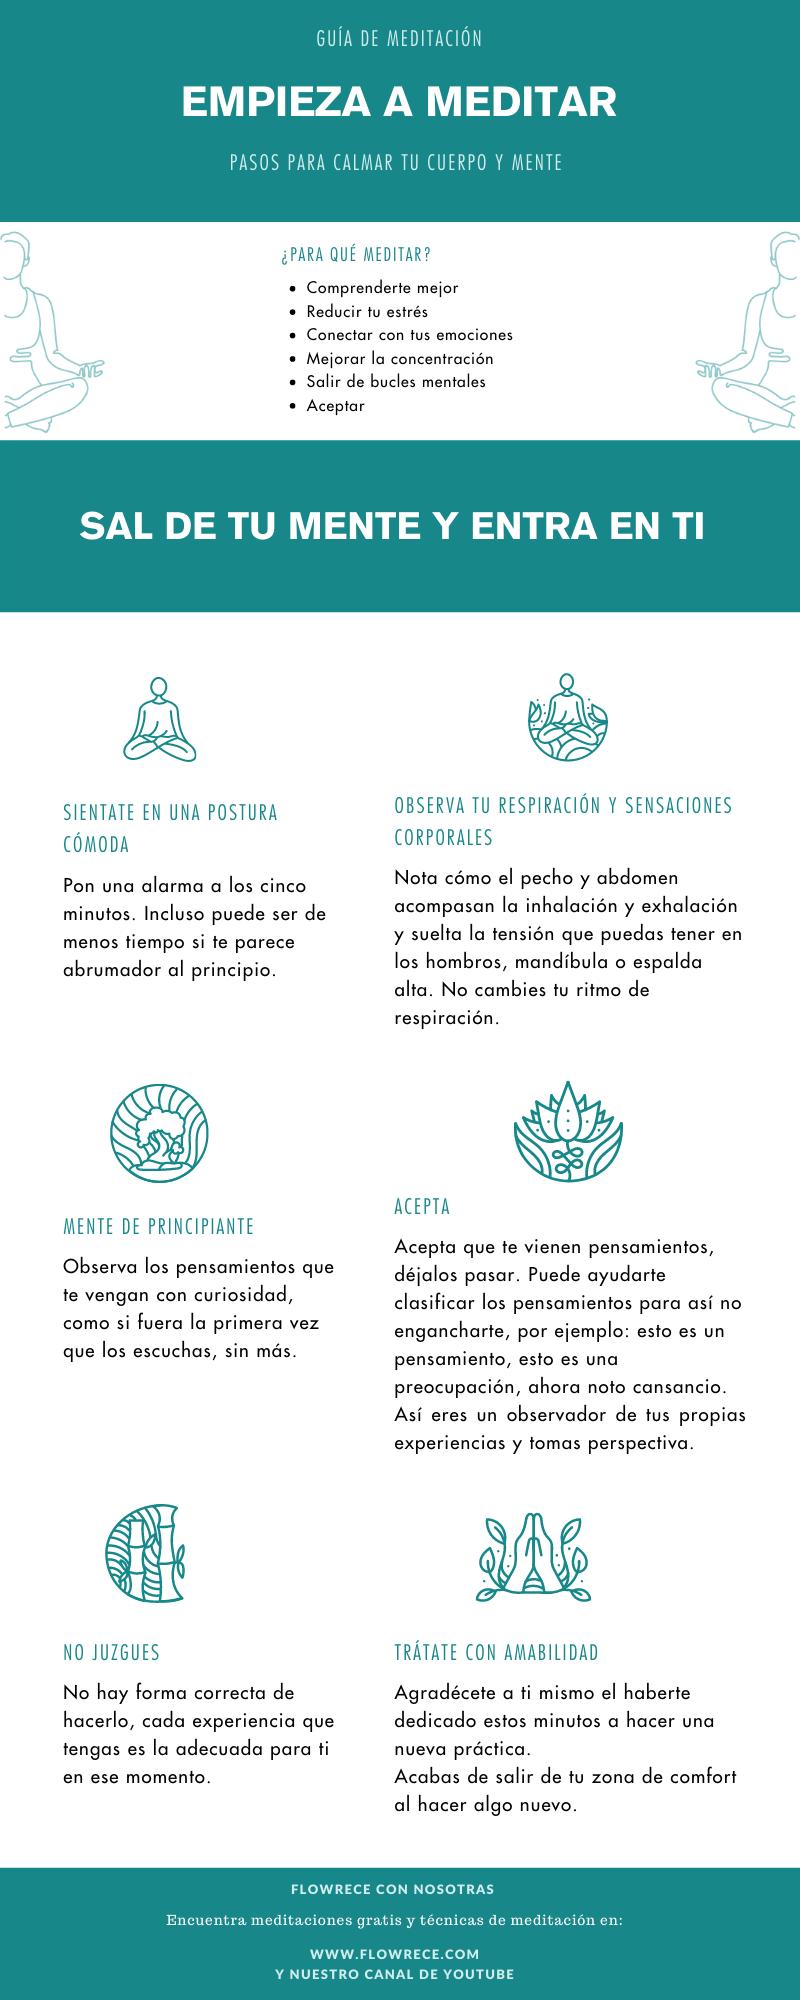 Guía visual para empezar a meditar